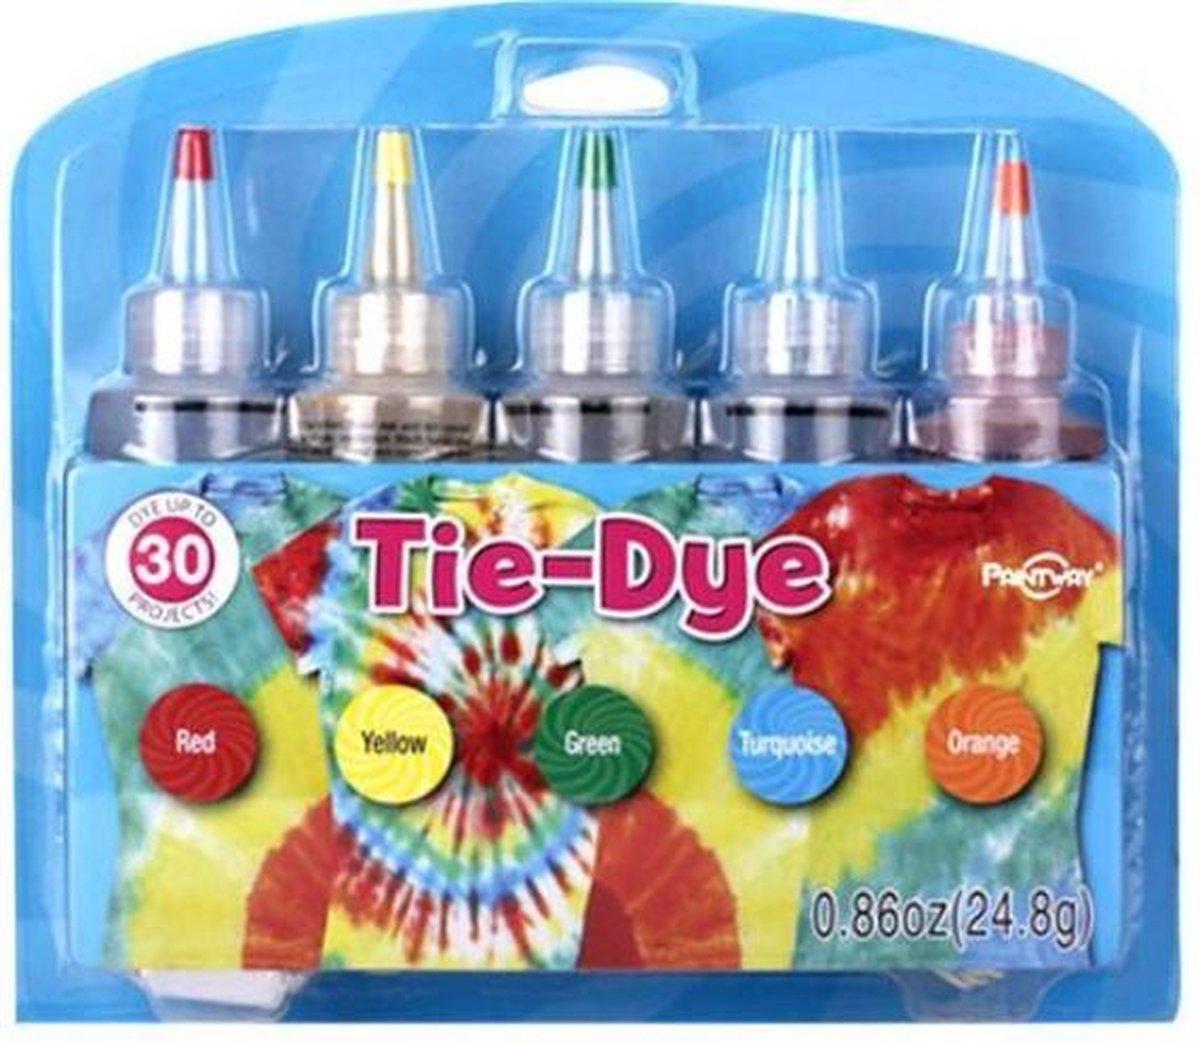 Nince Tie-Dye kit van hoge kwaliteit Kit 3 - Complete kit van 5 kleuren textiel - Tie Dye set - Tie Dye verf premium kwaliteit